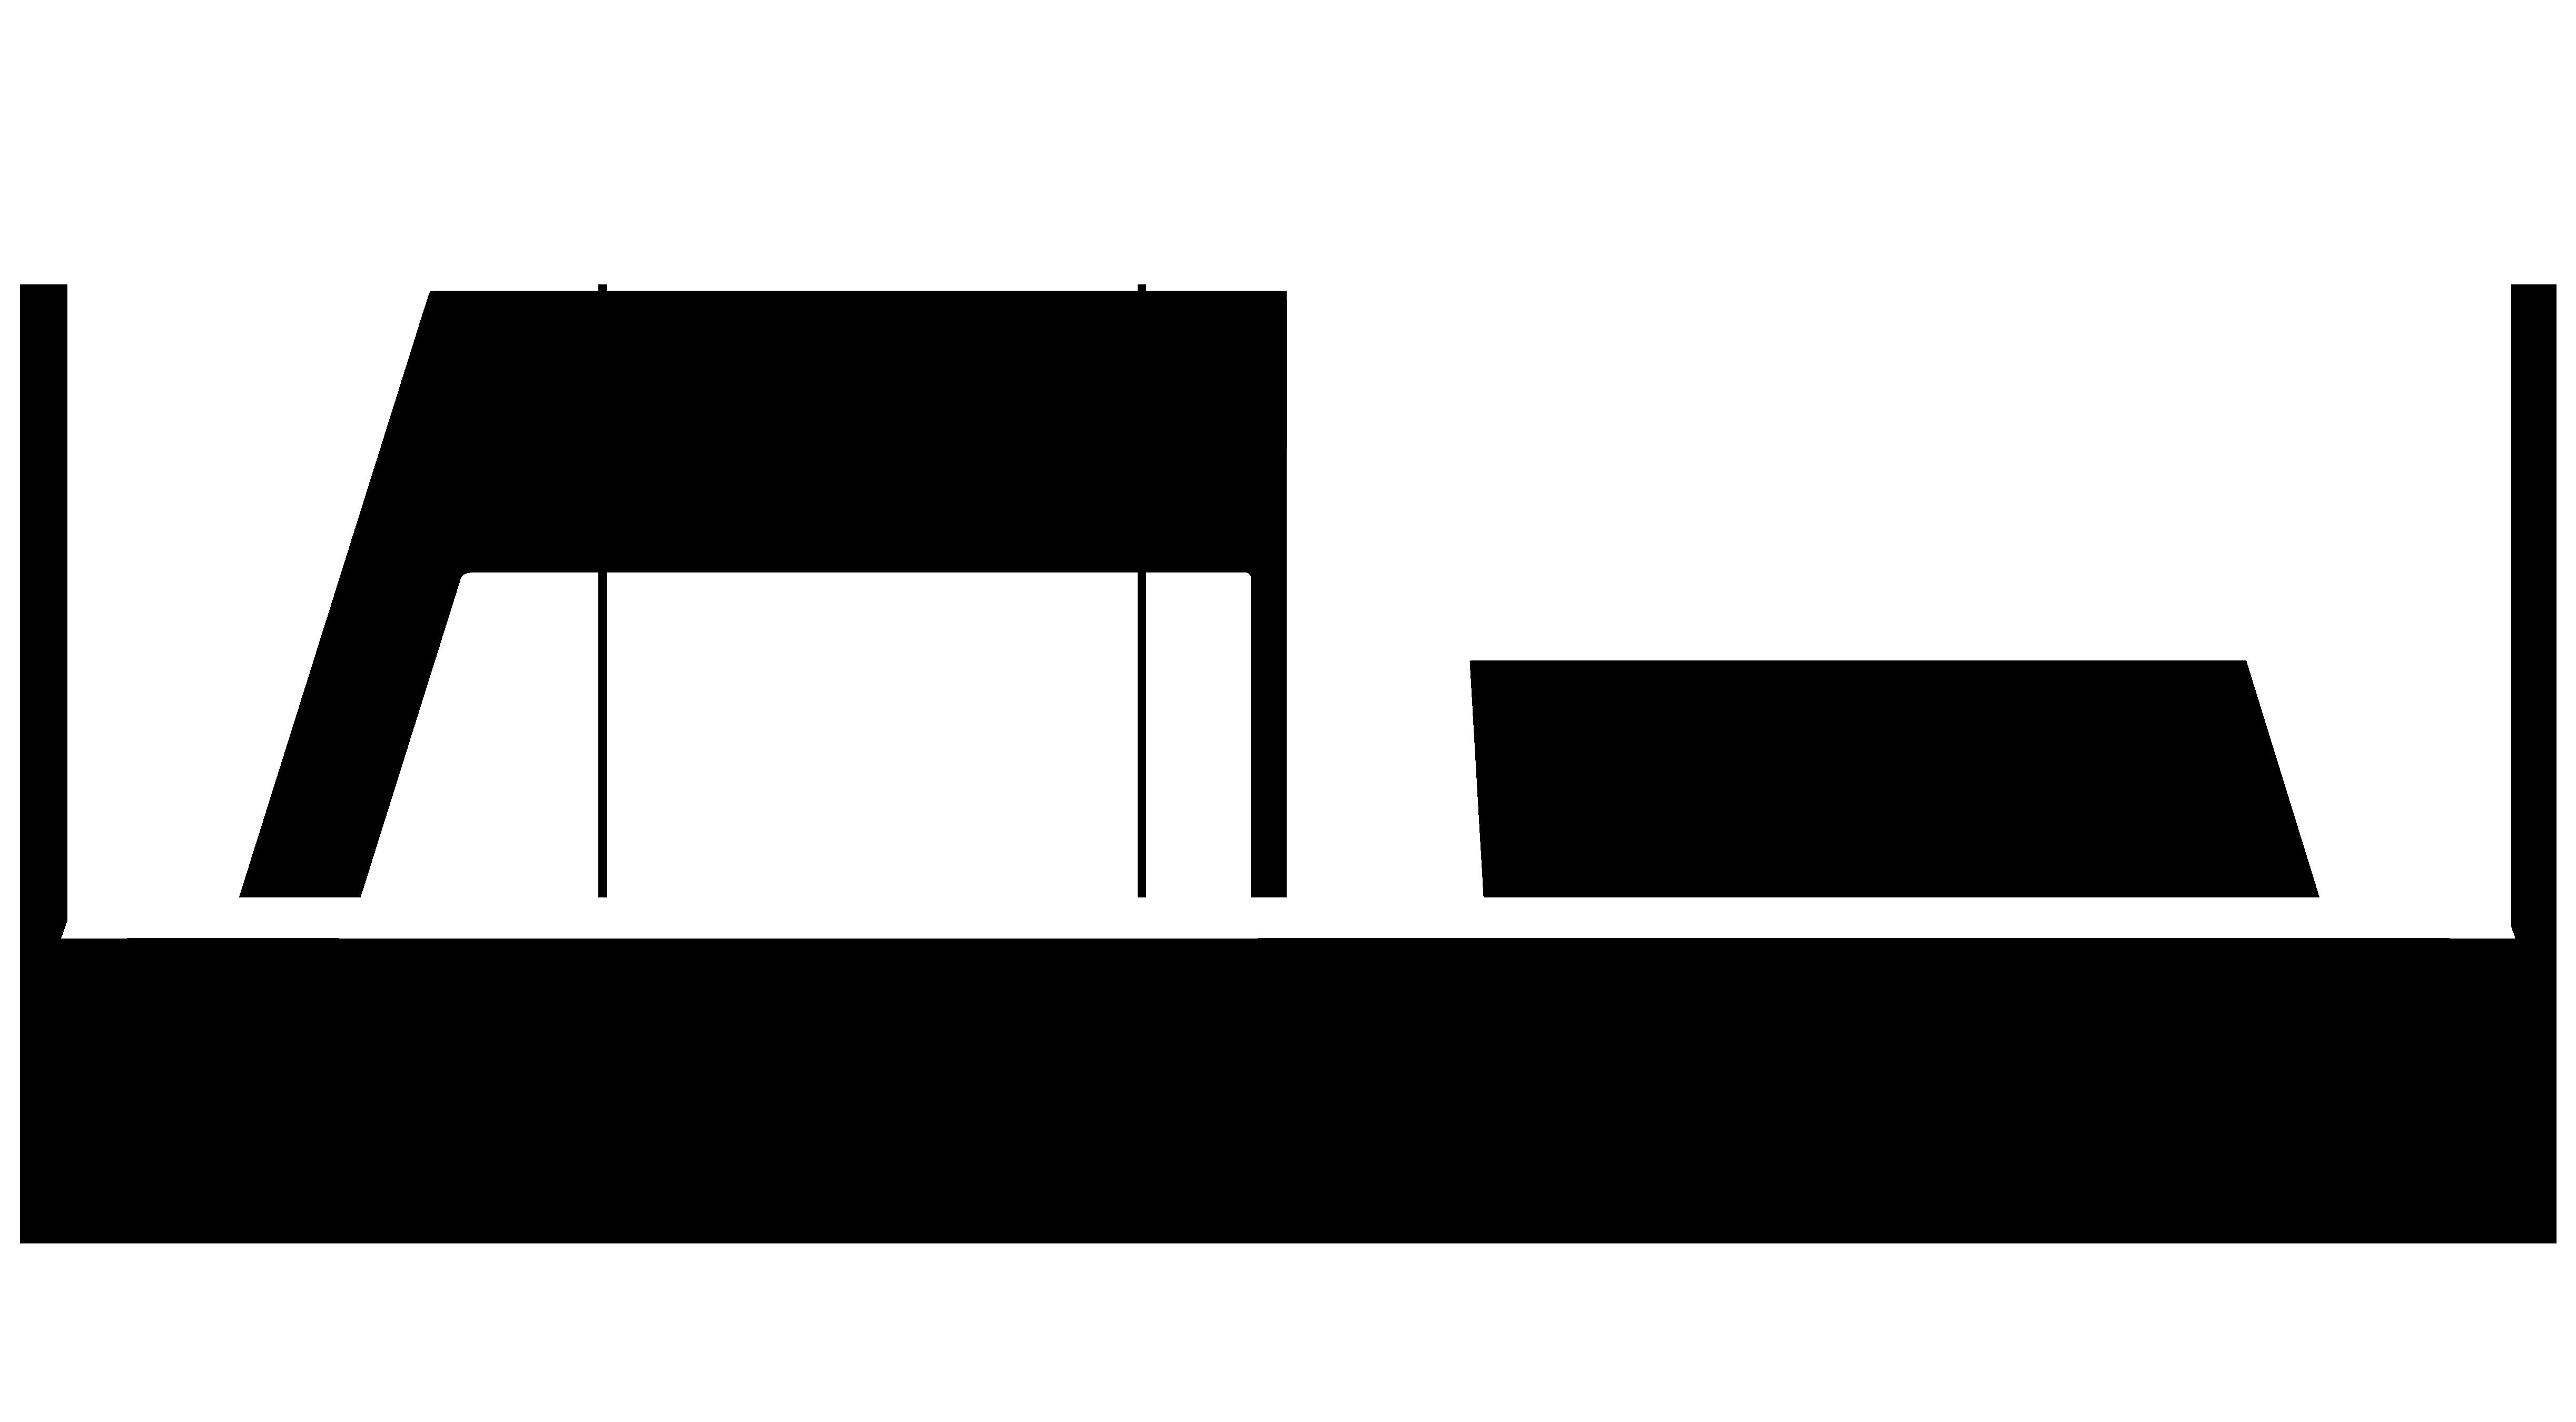 Elektronisches Preisschild Folie Schatten by DiCoSo